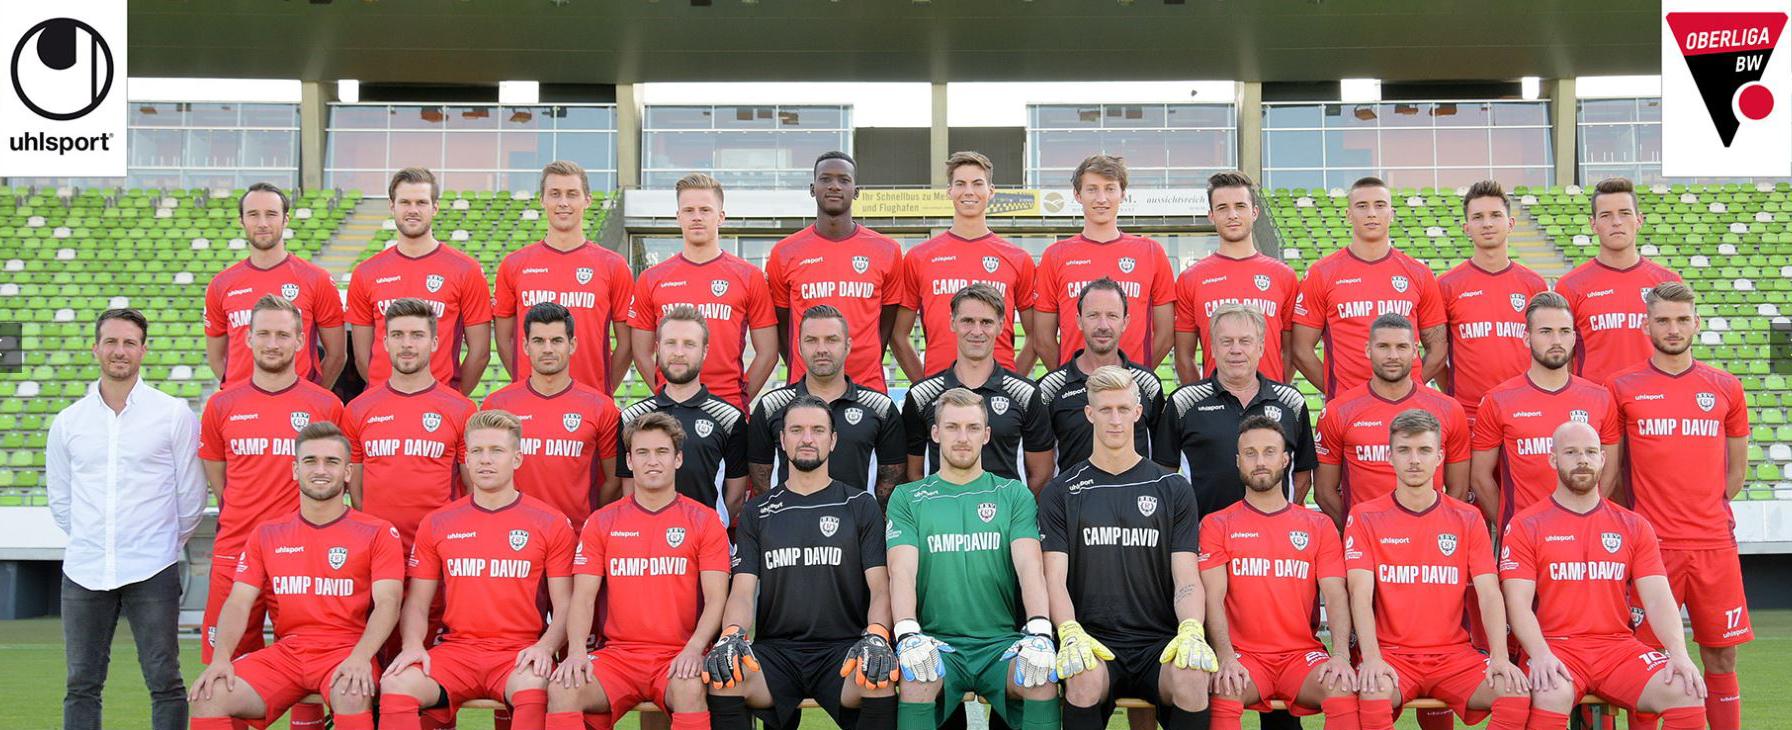 Oberliga SSV Reutlingen